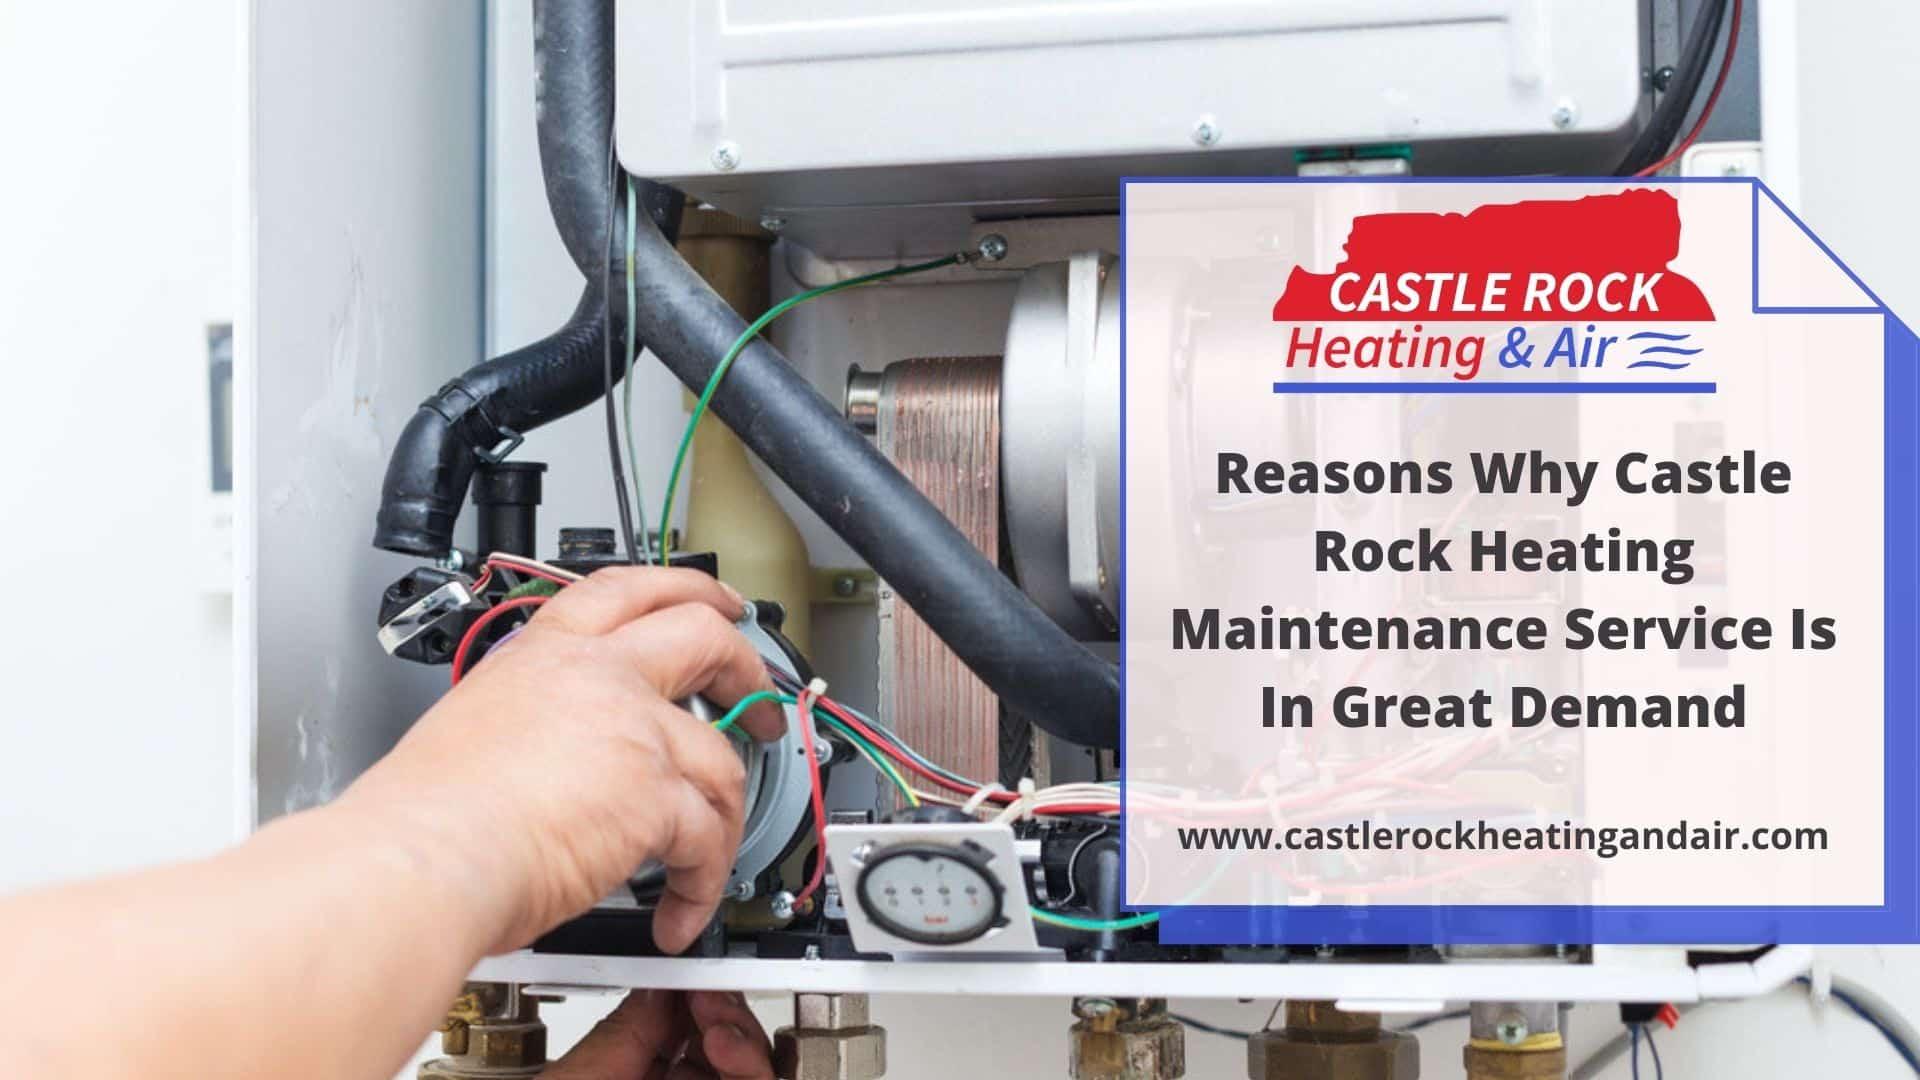 castle rock heating maintenance